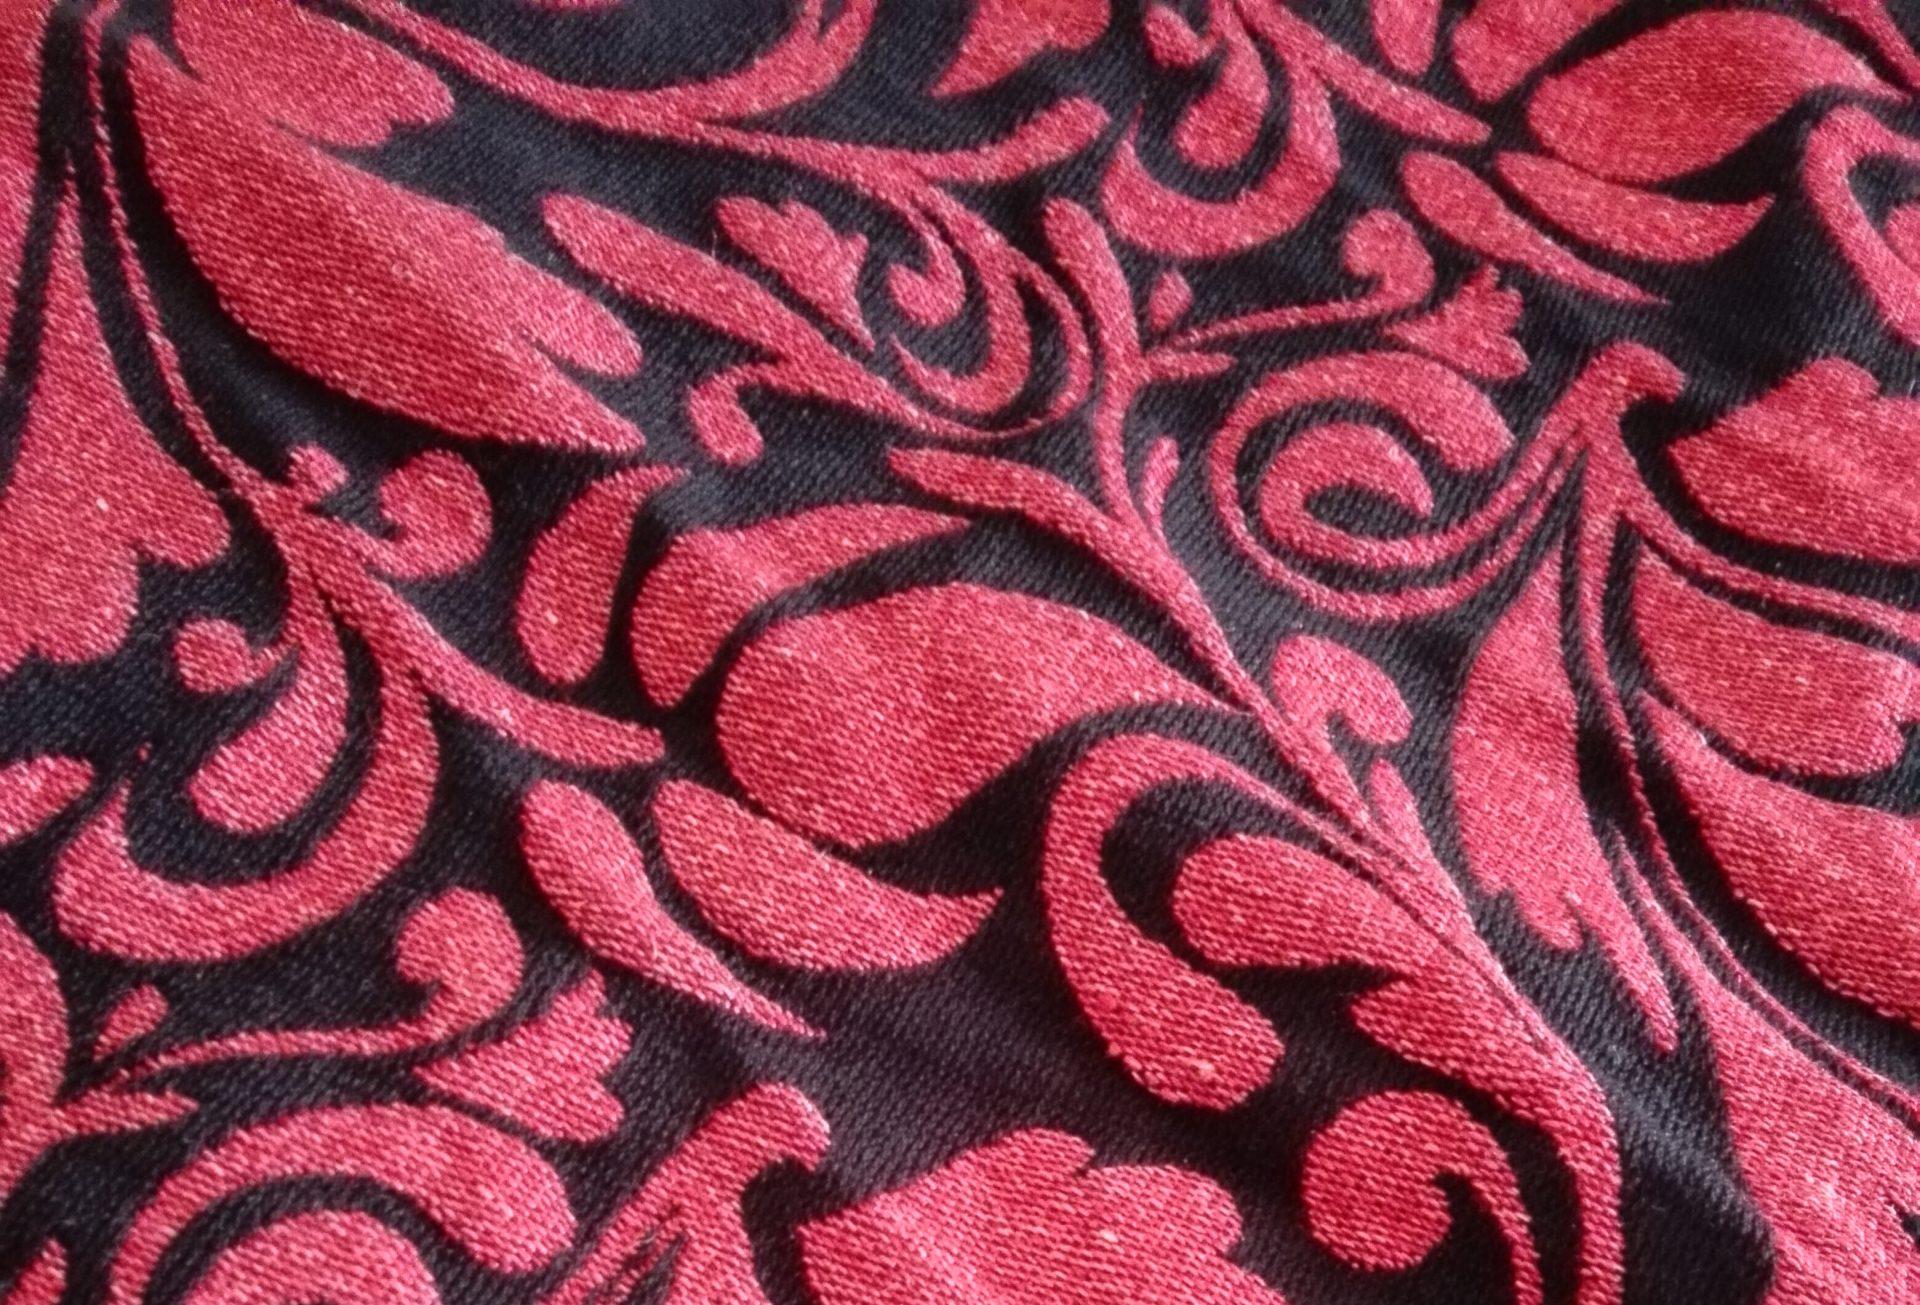 Malec Tuli - Nowy Sącz - doradca noszenia w chuście